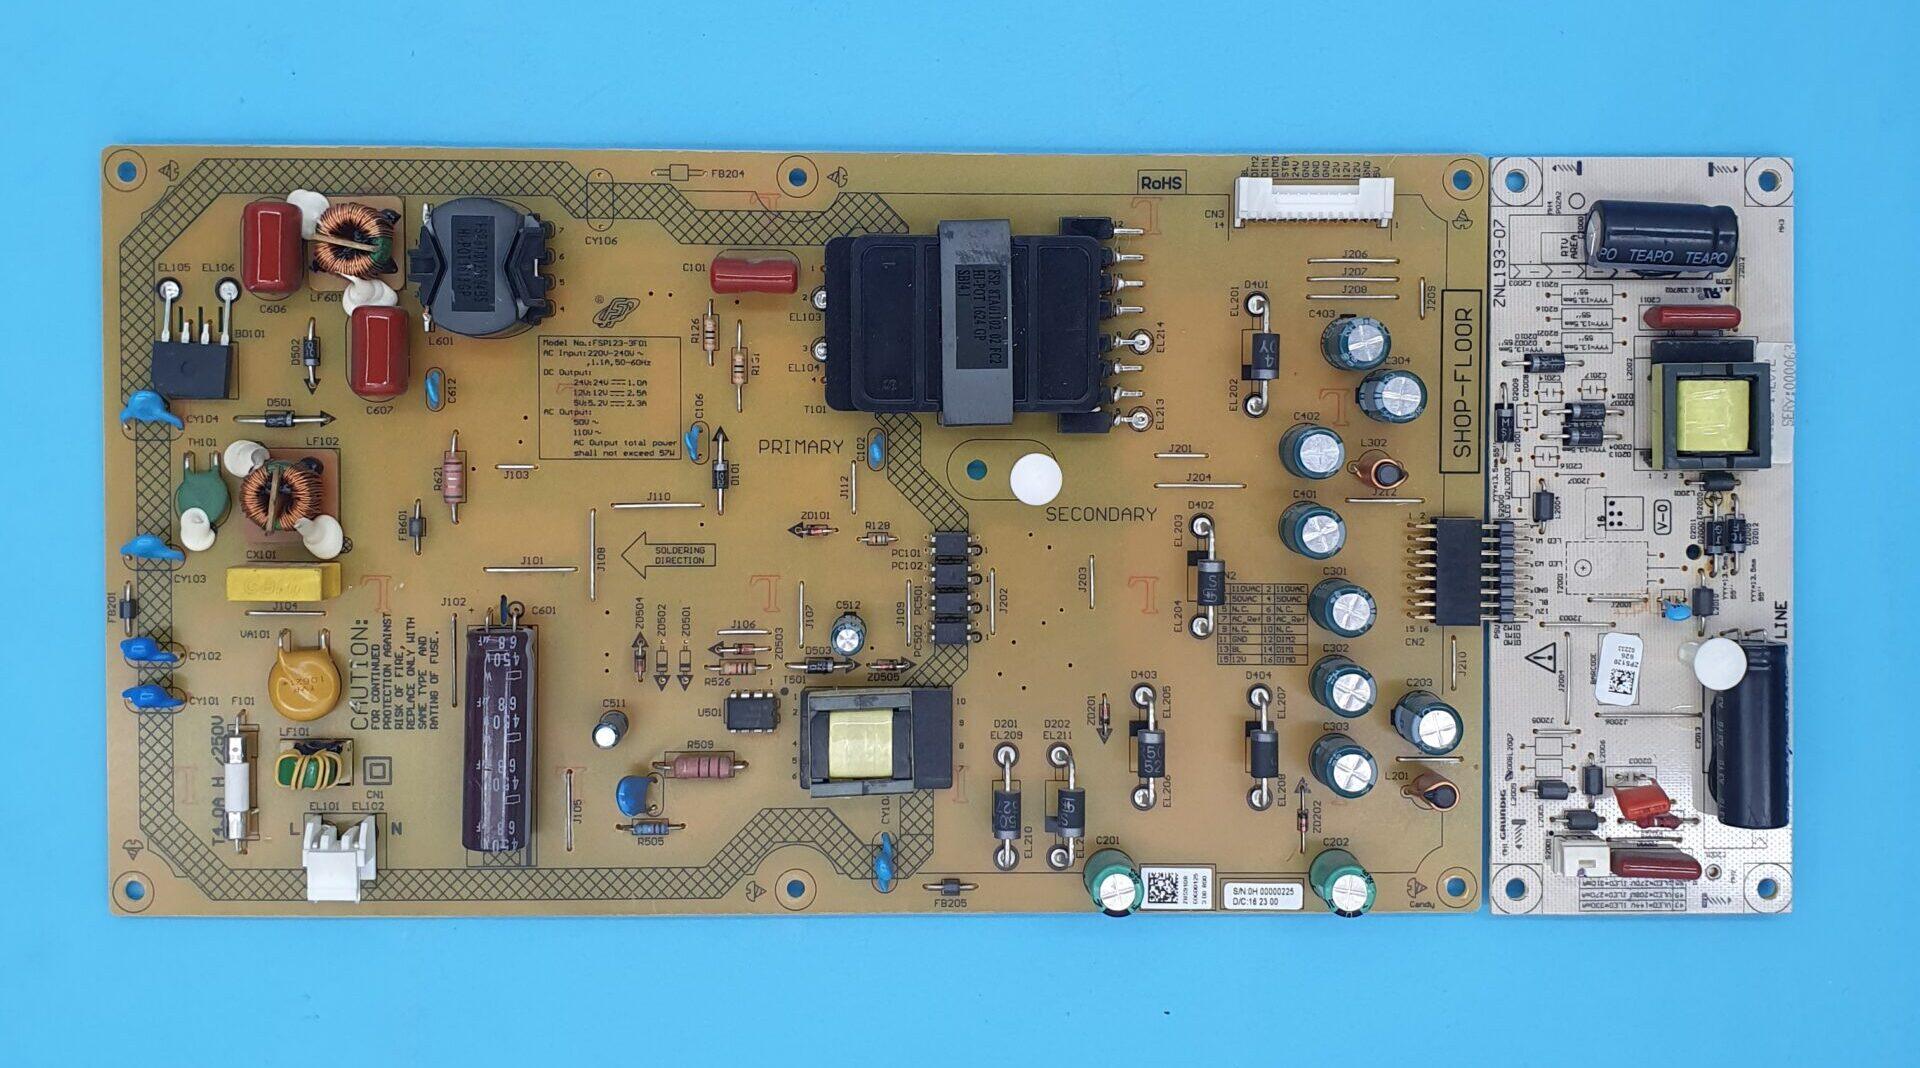 FSP123-3F01 ARÇELİK POWER